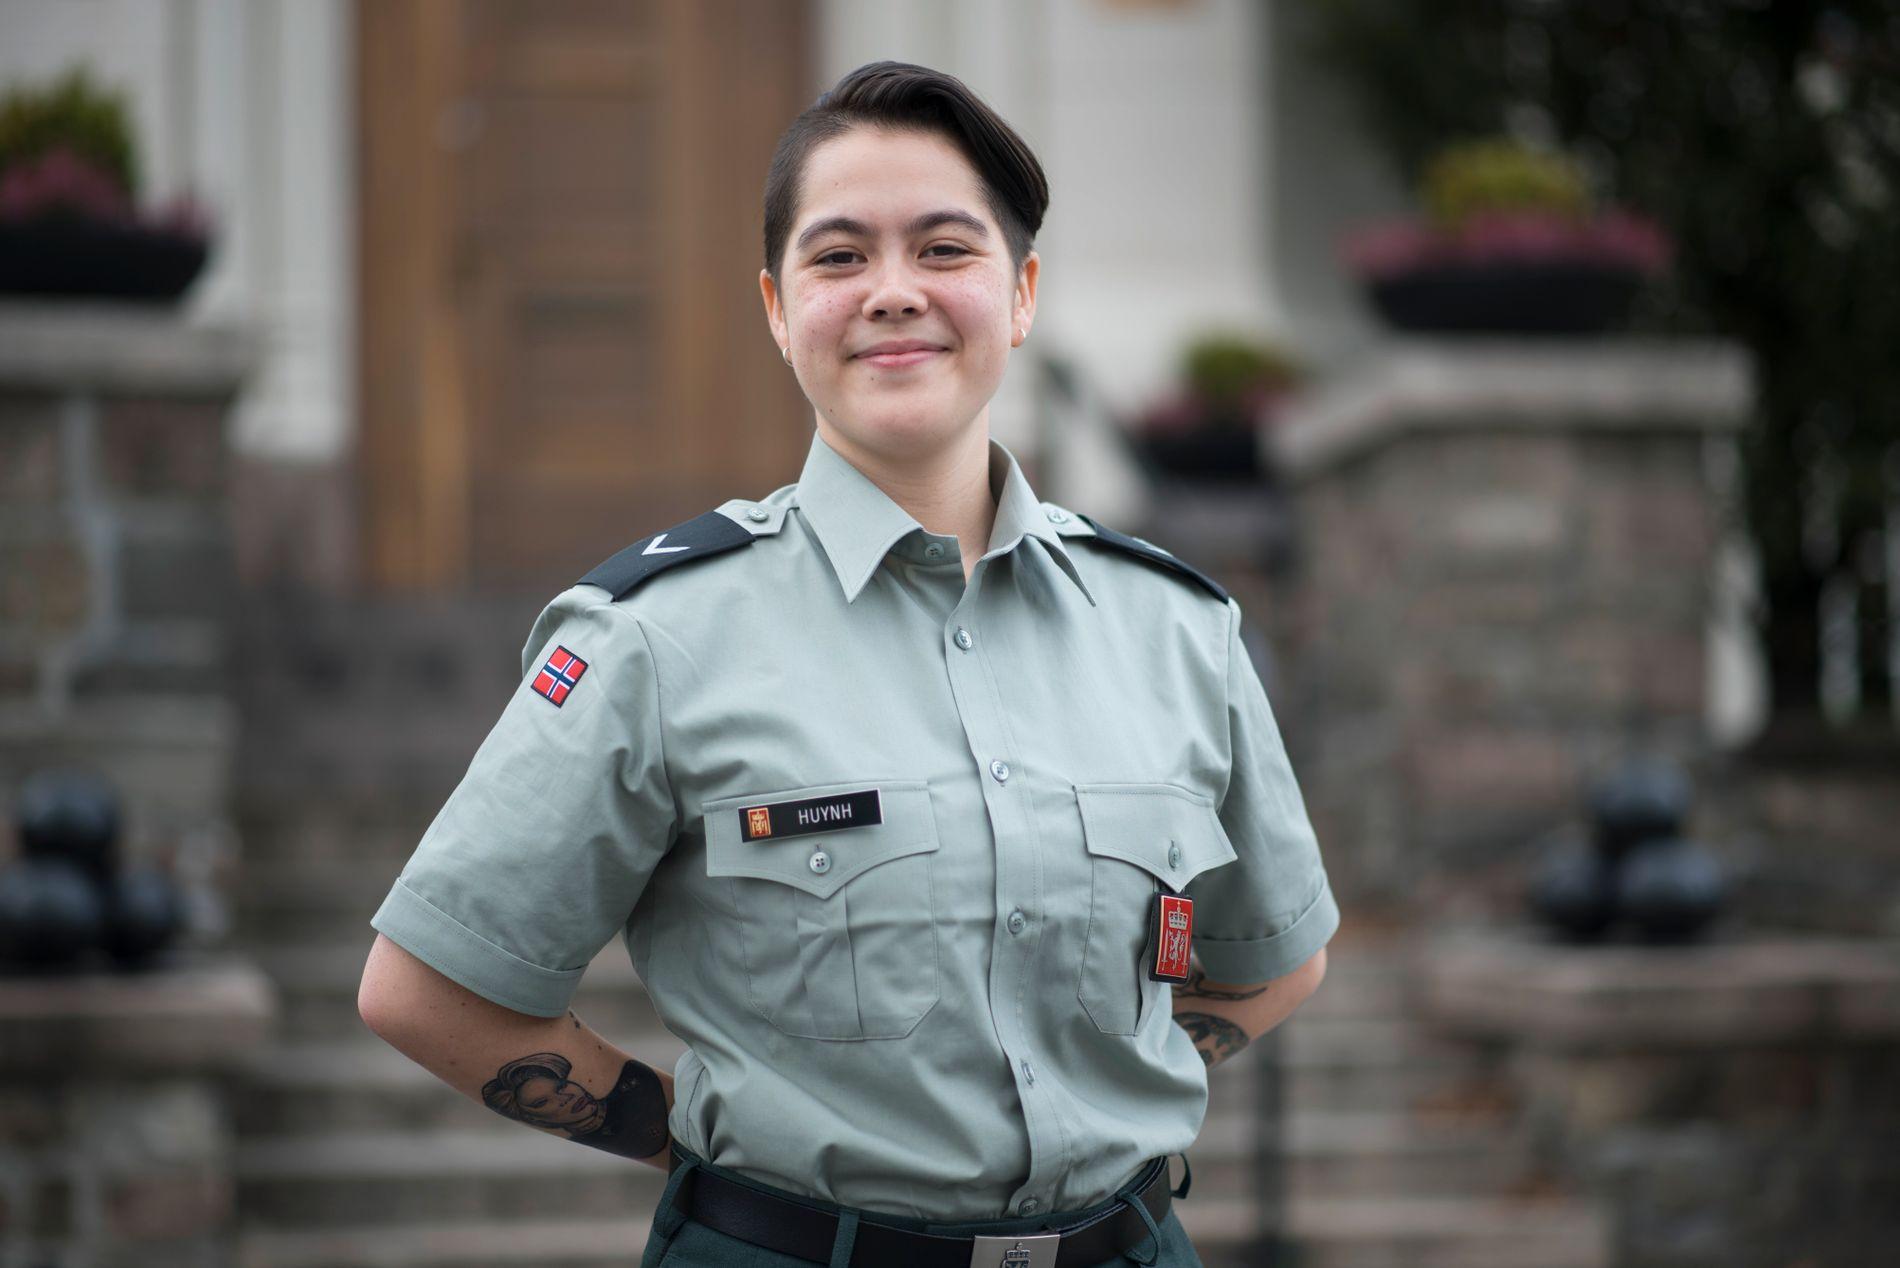 LANDSTILLITSVALGT: Lise Huynh, landstillitsvalgt i Forsvaret, mener skrivet er laget med god hensikt, men at det kommer uheldig ut.